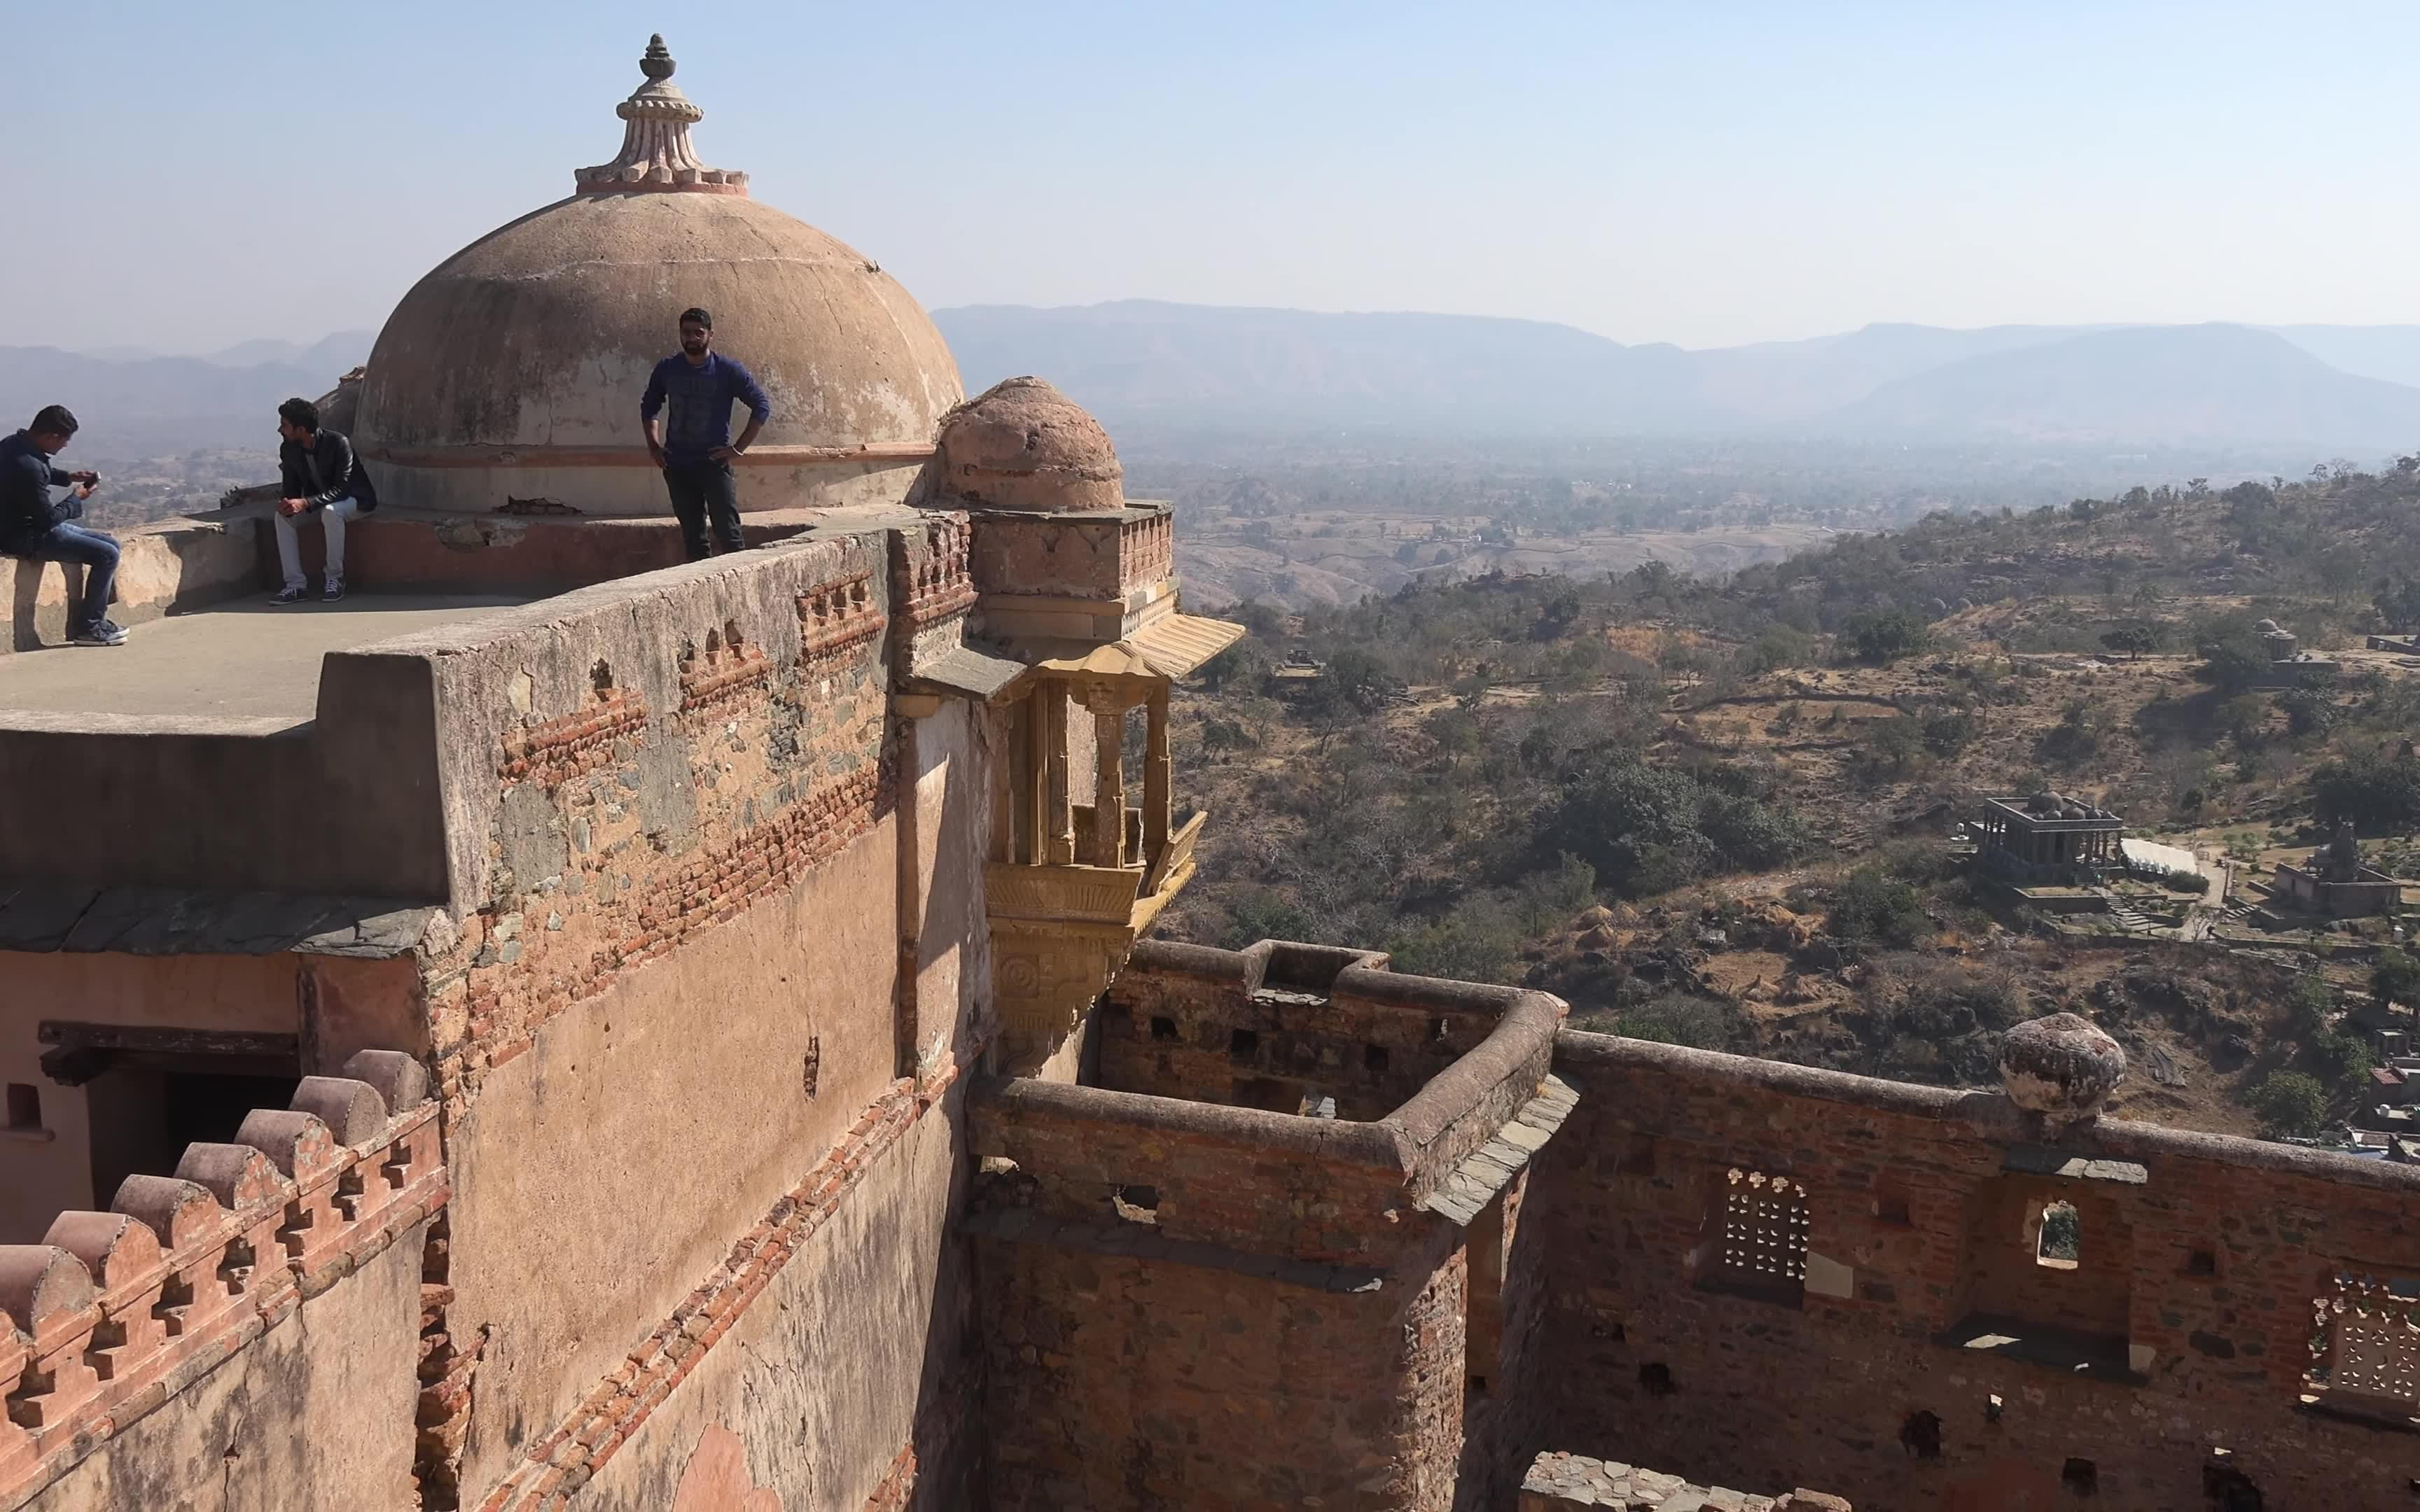 [神奇世界u0026印度]拉贾斯坦邦的寺庙,超级4K高清